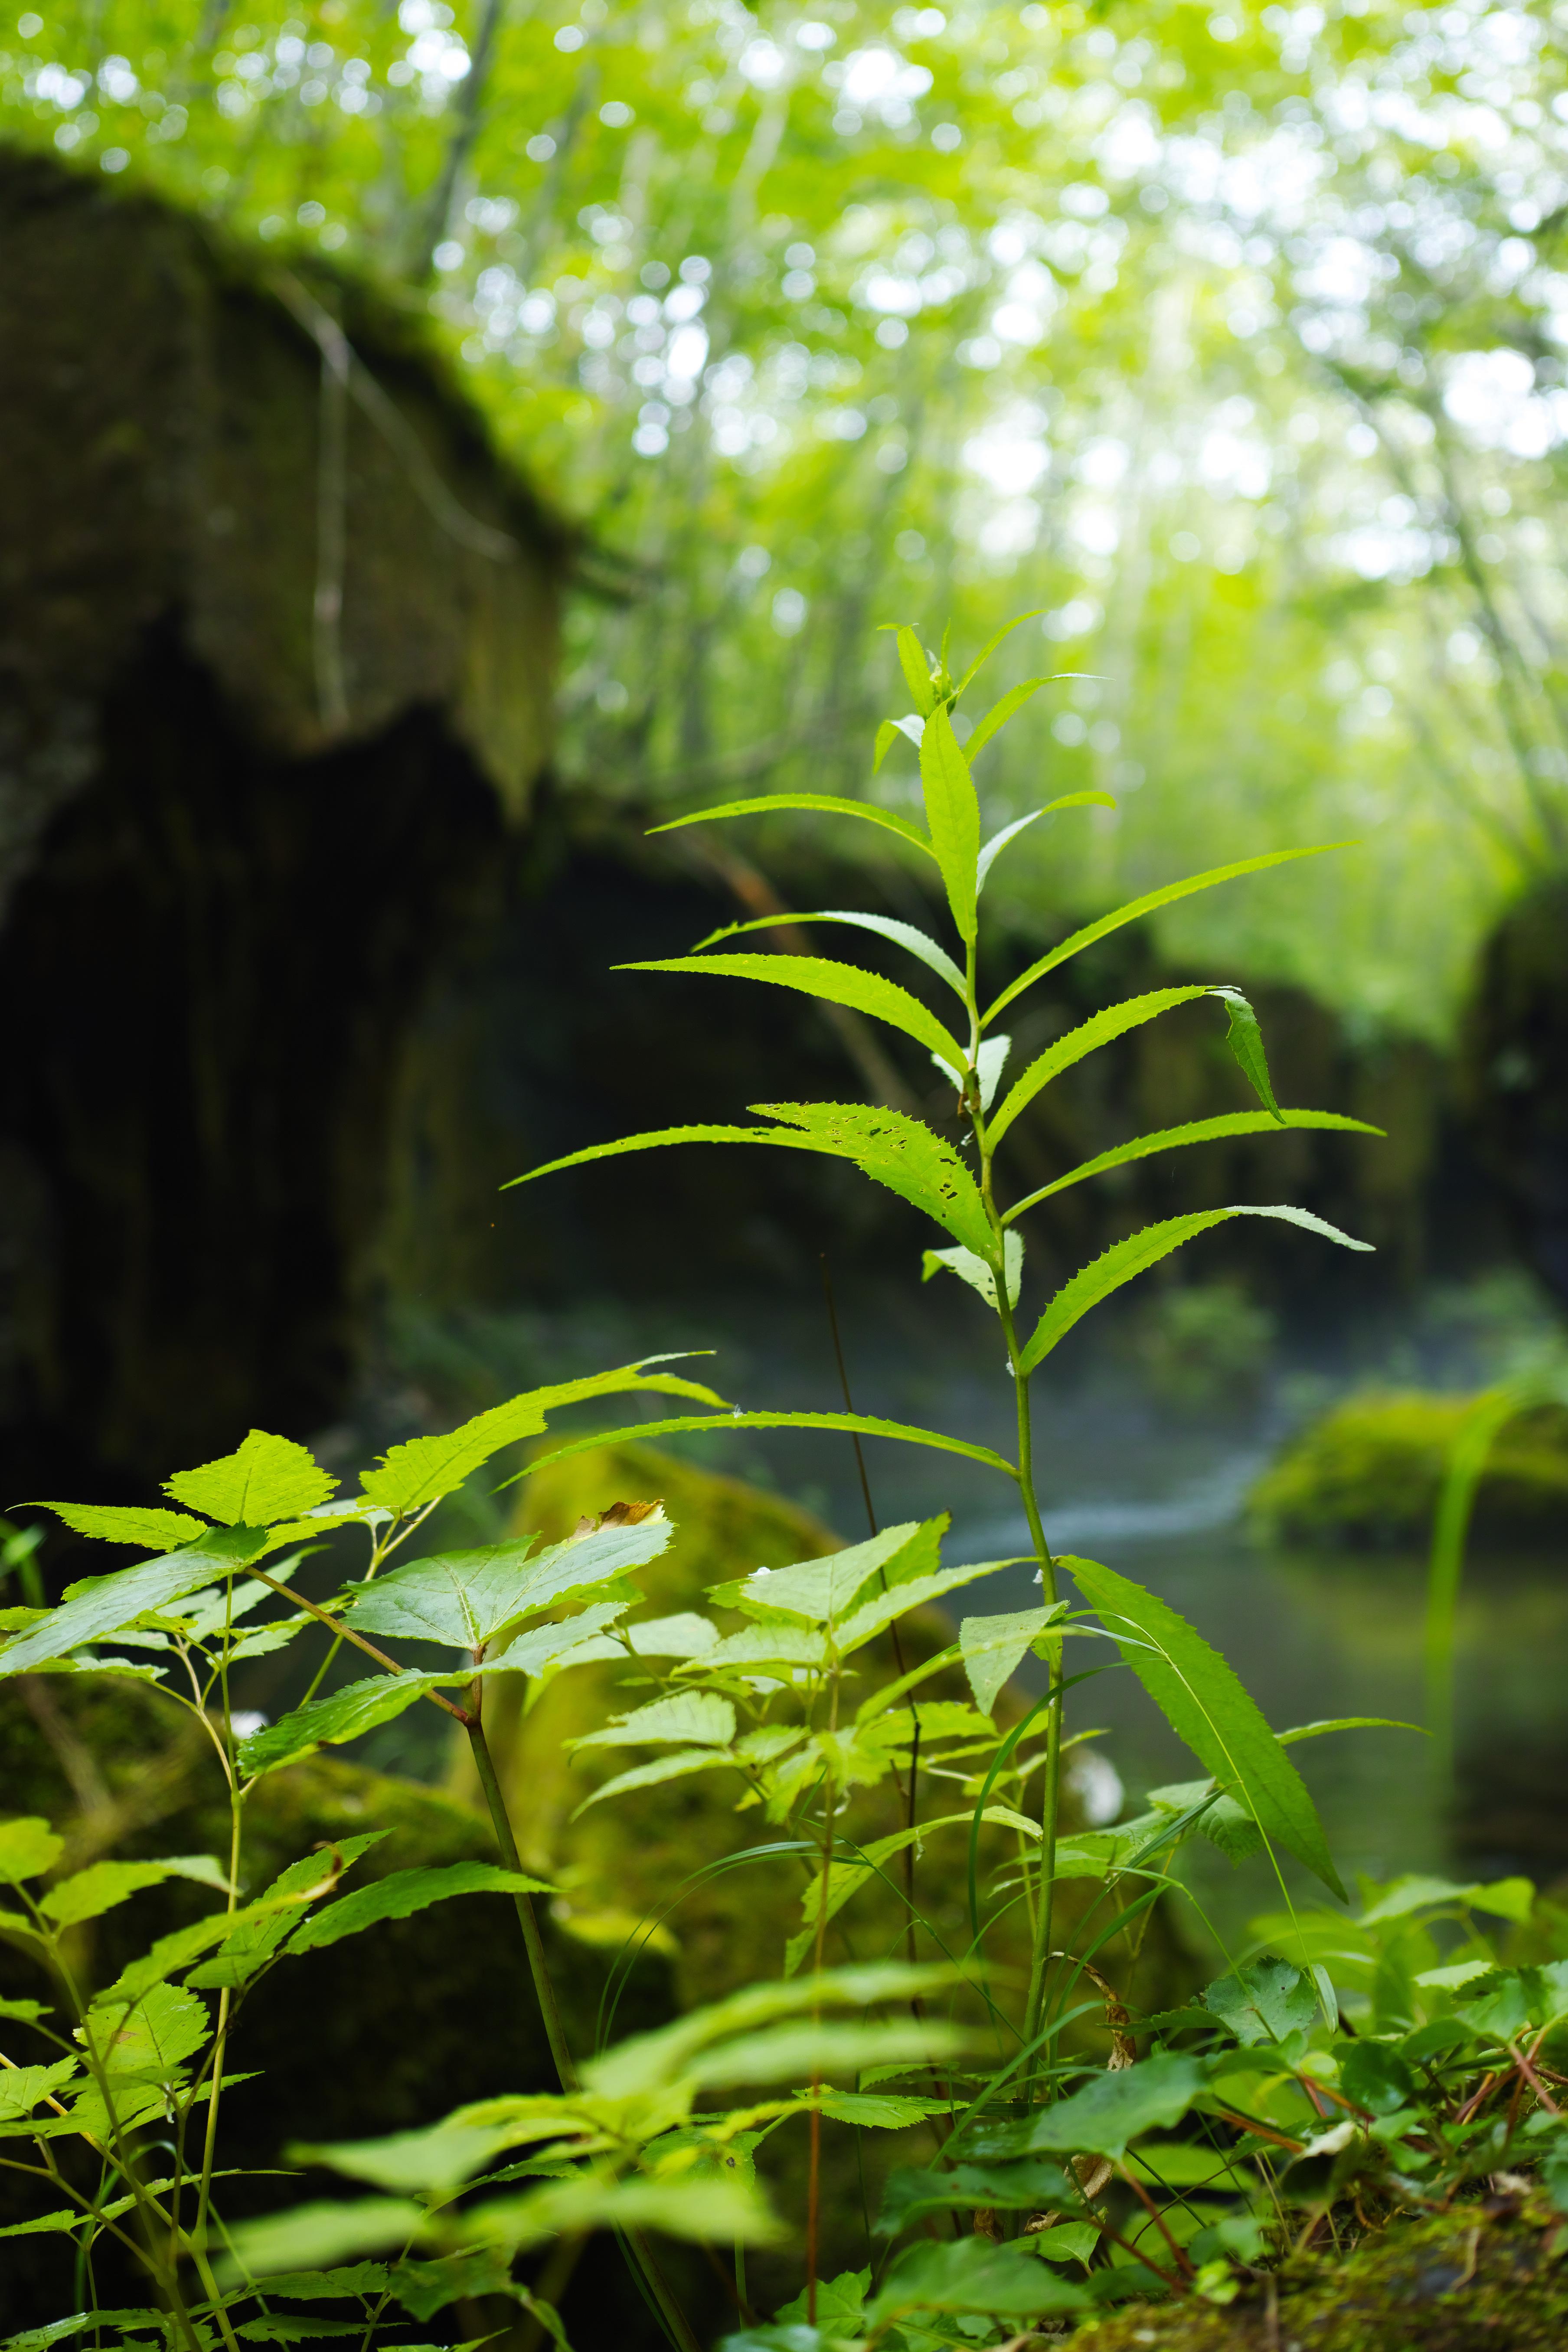 沢床の岩に生える草葉に近づき絞りF2.8開放で撮影。手前の葉と奥の岩場のボケ方がとても自然。ISO100 / F2.8 / 1/60秒